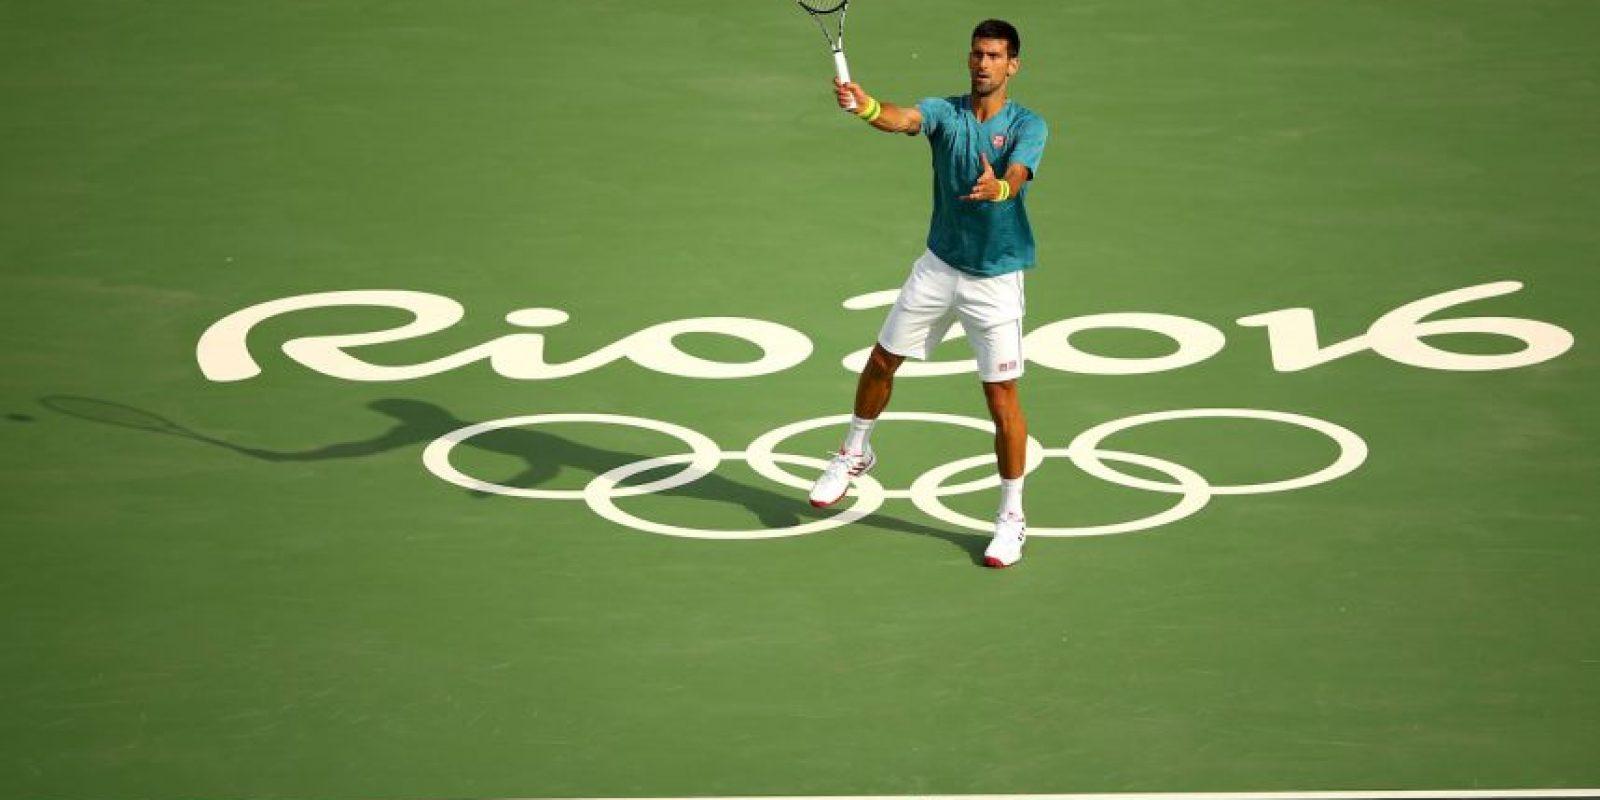 Novak Djokovic (tenis): Con la baja de Roger Federer por su lesión en la rodilla, el serbio número uno del mundo en el ranking ATP es aún más favorito para quedarse con el oro en el tenis. Foto:Getty Images